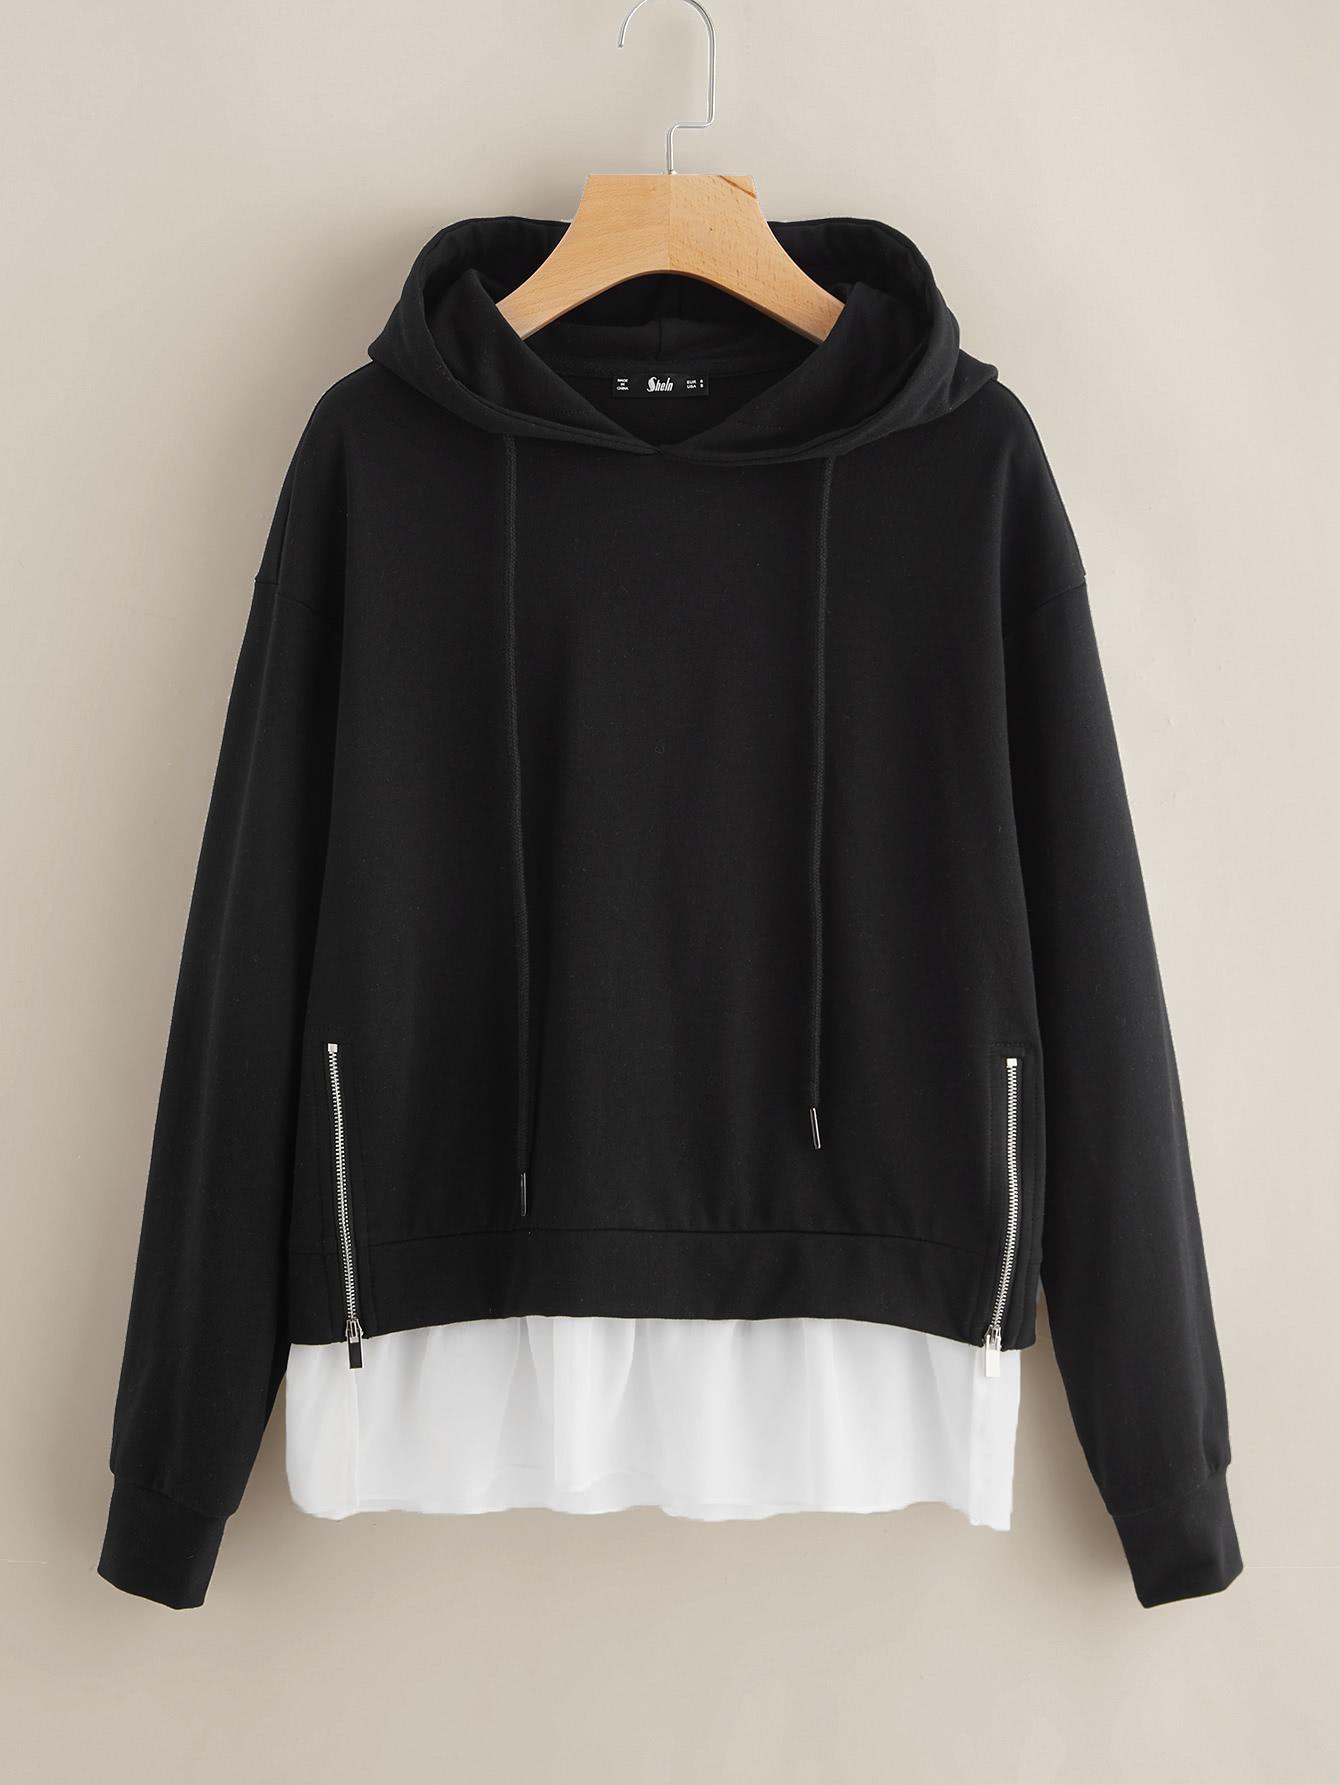 Dual Zip Front Hoodie sweatshirt170727706